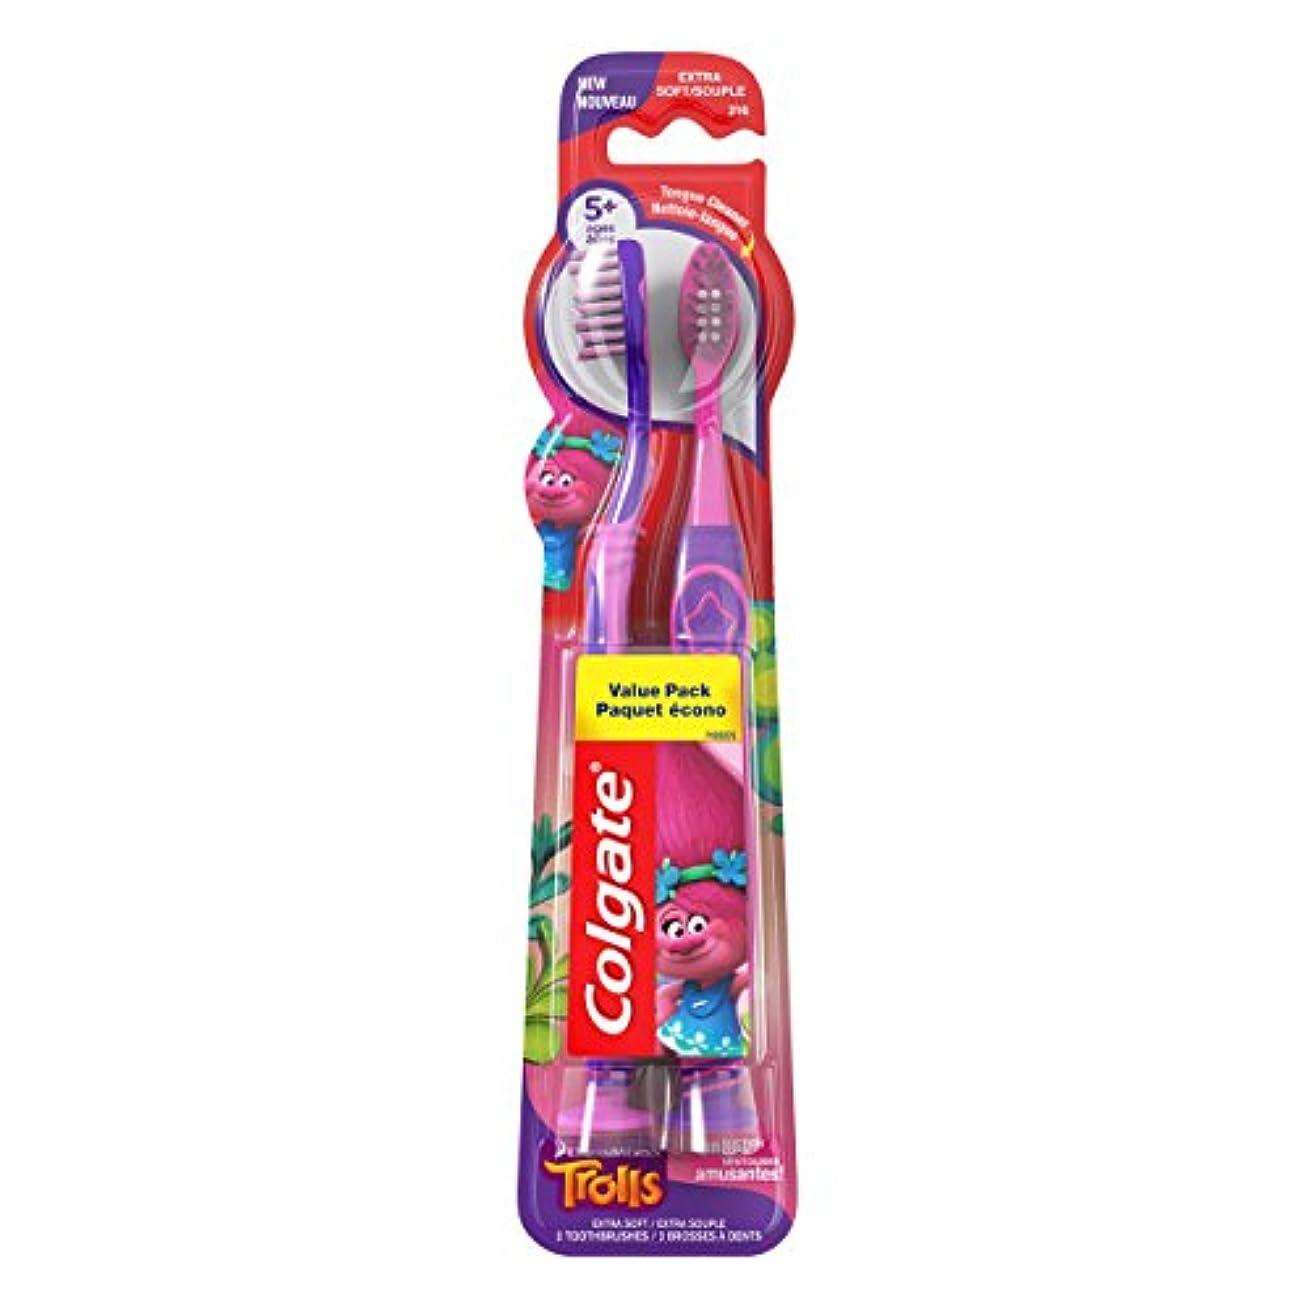 Colgate キッズ歯ブラシ、トロルバリューパック、エクストラソフト、2カウント